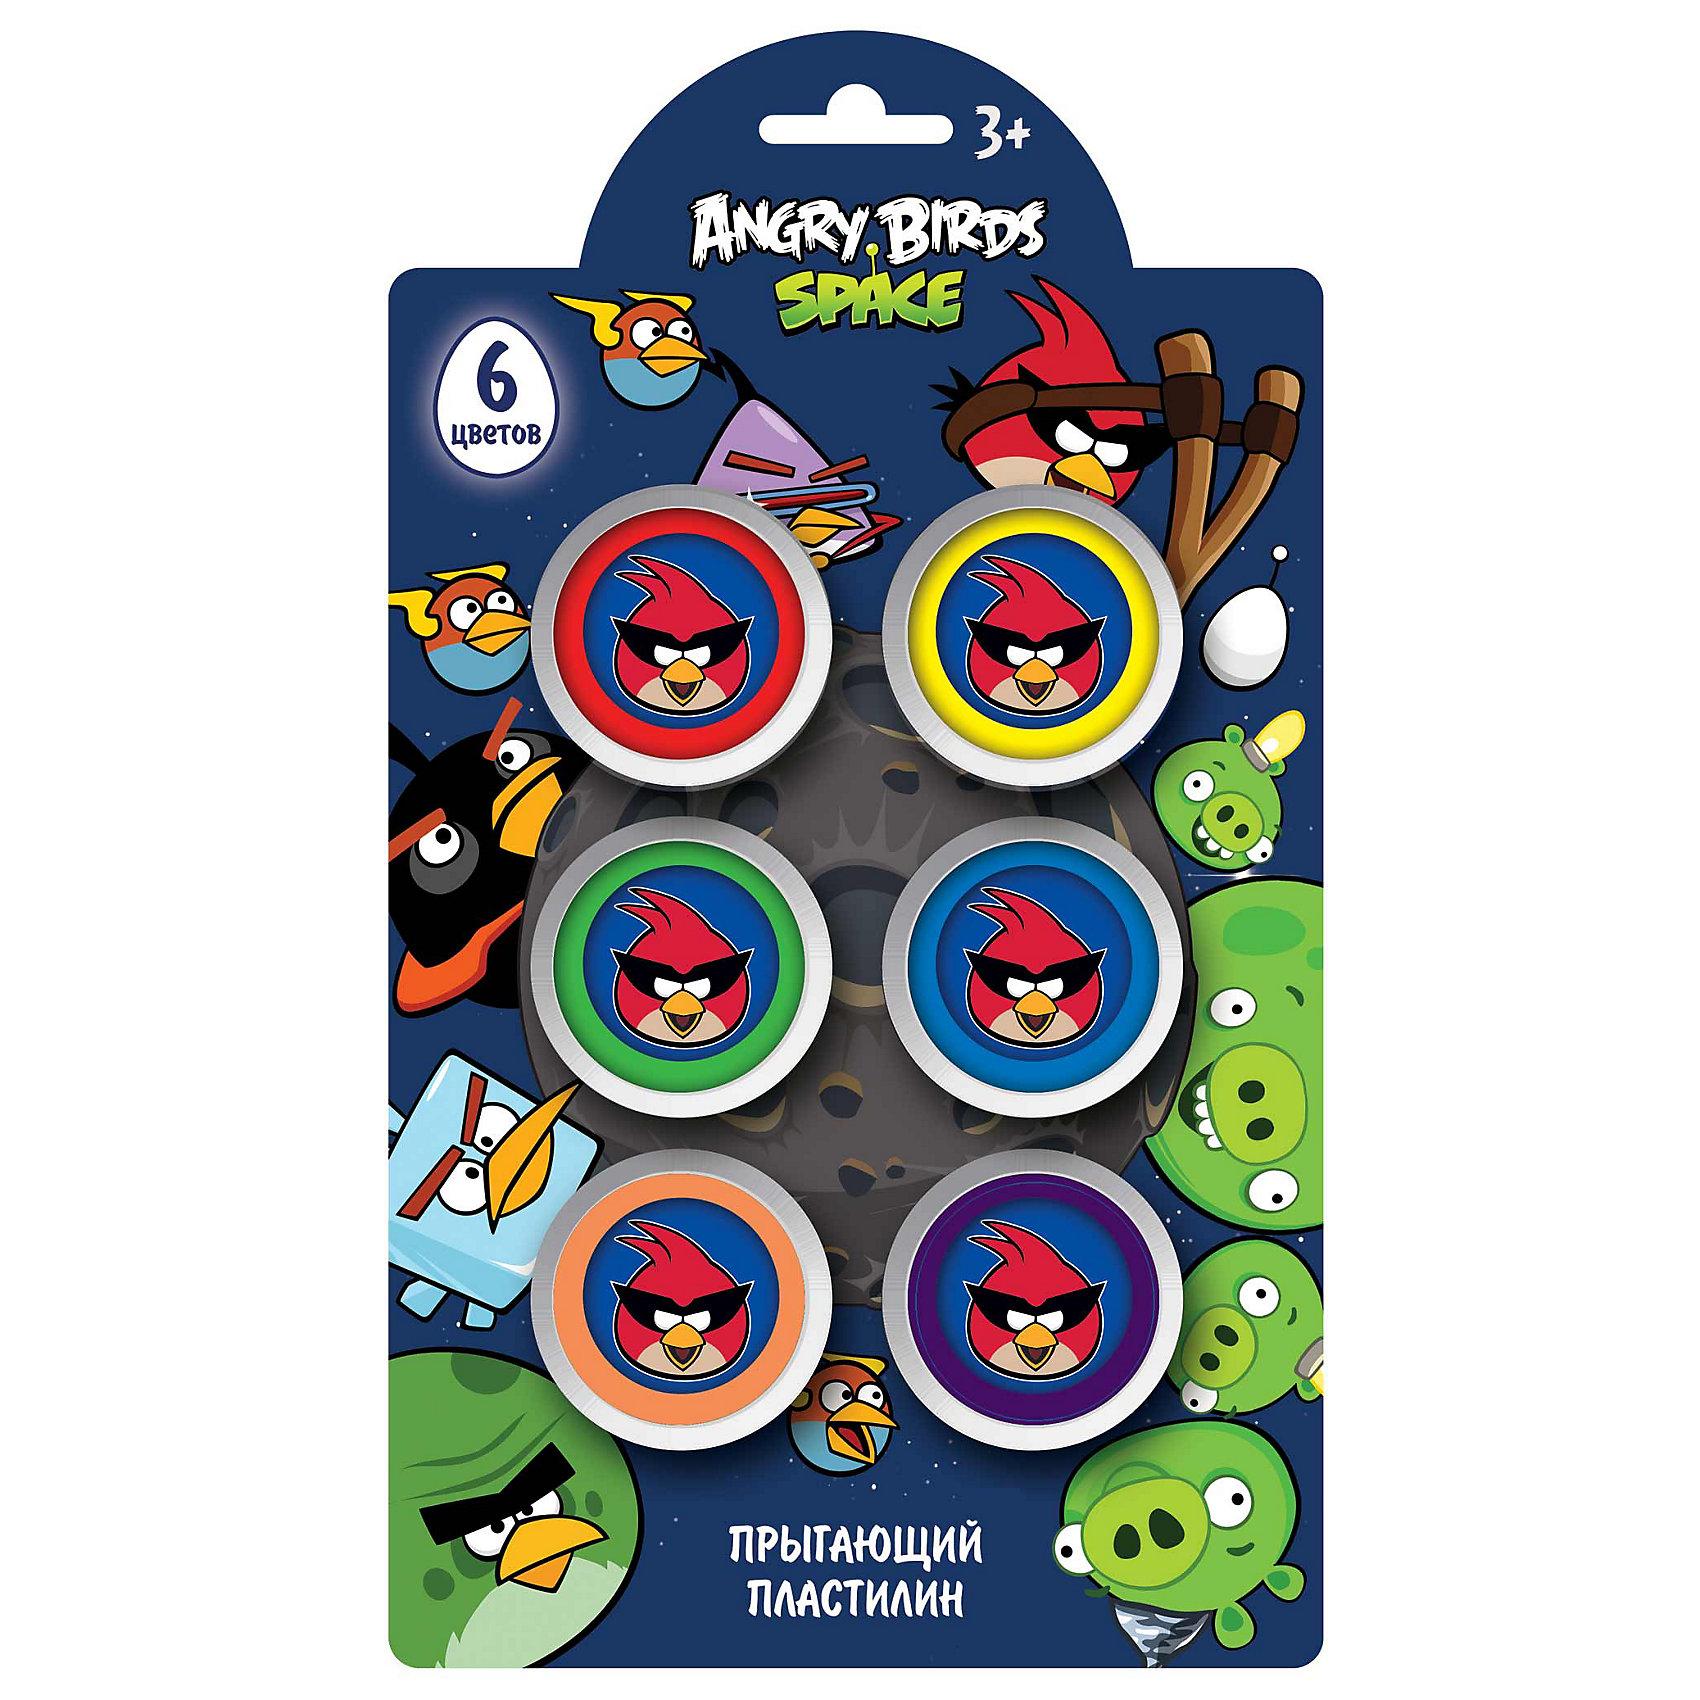 Шариковый пластилин, 6 цветов, Angry BirdsШариковый пластилин, 6 цветов, Angry Birds – это идеальный пластичный материал для изготовления плоских и объемных фигур.<br>С помощью высокопластичного мелкозернистого шарикового пластилина Cut the Rope можно вылепить различные предметы, а также использовать для декорирования (раскрашивания) бумаги, предметов интерьера. Шариковый пластилин - это необычный пластилин, который состоит из маленьких шариков, напоминающих бусинки, соединенных тончайшими клеевыми нитями. Материал очень легкий, воздушный и совсем не липнет к рукам. Цвета легко смешиваются друг с другом, образуя разноцветную шариковую массу. Застывая, пластилин становится твердым и хорошо держит форму. При высыхании можно восстановить пластичность посредством добавления небольшого количества воды. Шариковый пластилин отлично развивает мелкую моторику рук, мышление ребенка и раскрывает творческое начало у малыша.<br><br>Дополнительная информация:<br><br>- Количество цветов: 6 по 8 гр.<br>- Размер упаковки: 2,5 х 20 х 13 см.<br>- Вес: 160 гр.<br><br>Шариковый пластилин, 6 цветов, Angry Birds (Сердитые Птицы) можно купить в нашем интернет-магазине.<br><br>Ширина мм: 25<br>Глубина мм: 200<br>Высота мм: 130<br>Вес г: 160<br>Возраст от месяцев: 48<br>Возраст до месяцев: 96<br>Пол: Унисекс<br>Возраст: Детский<br>SKU: 3986175